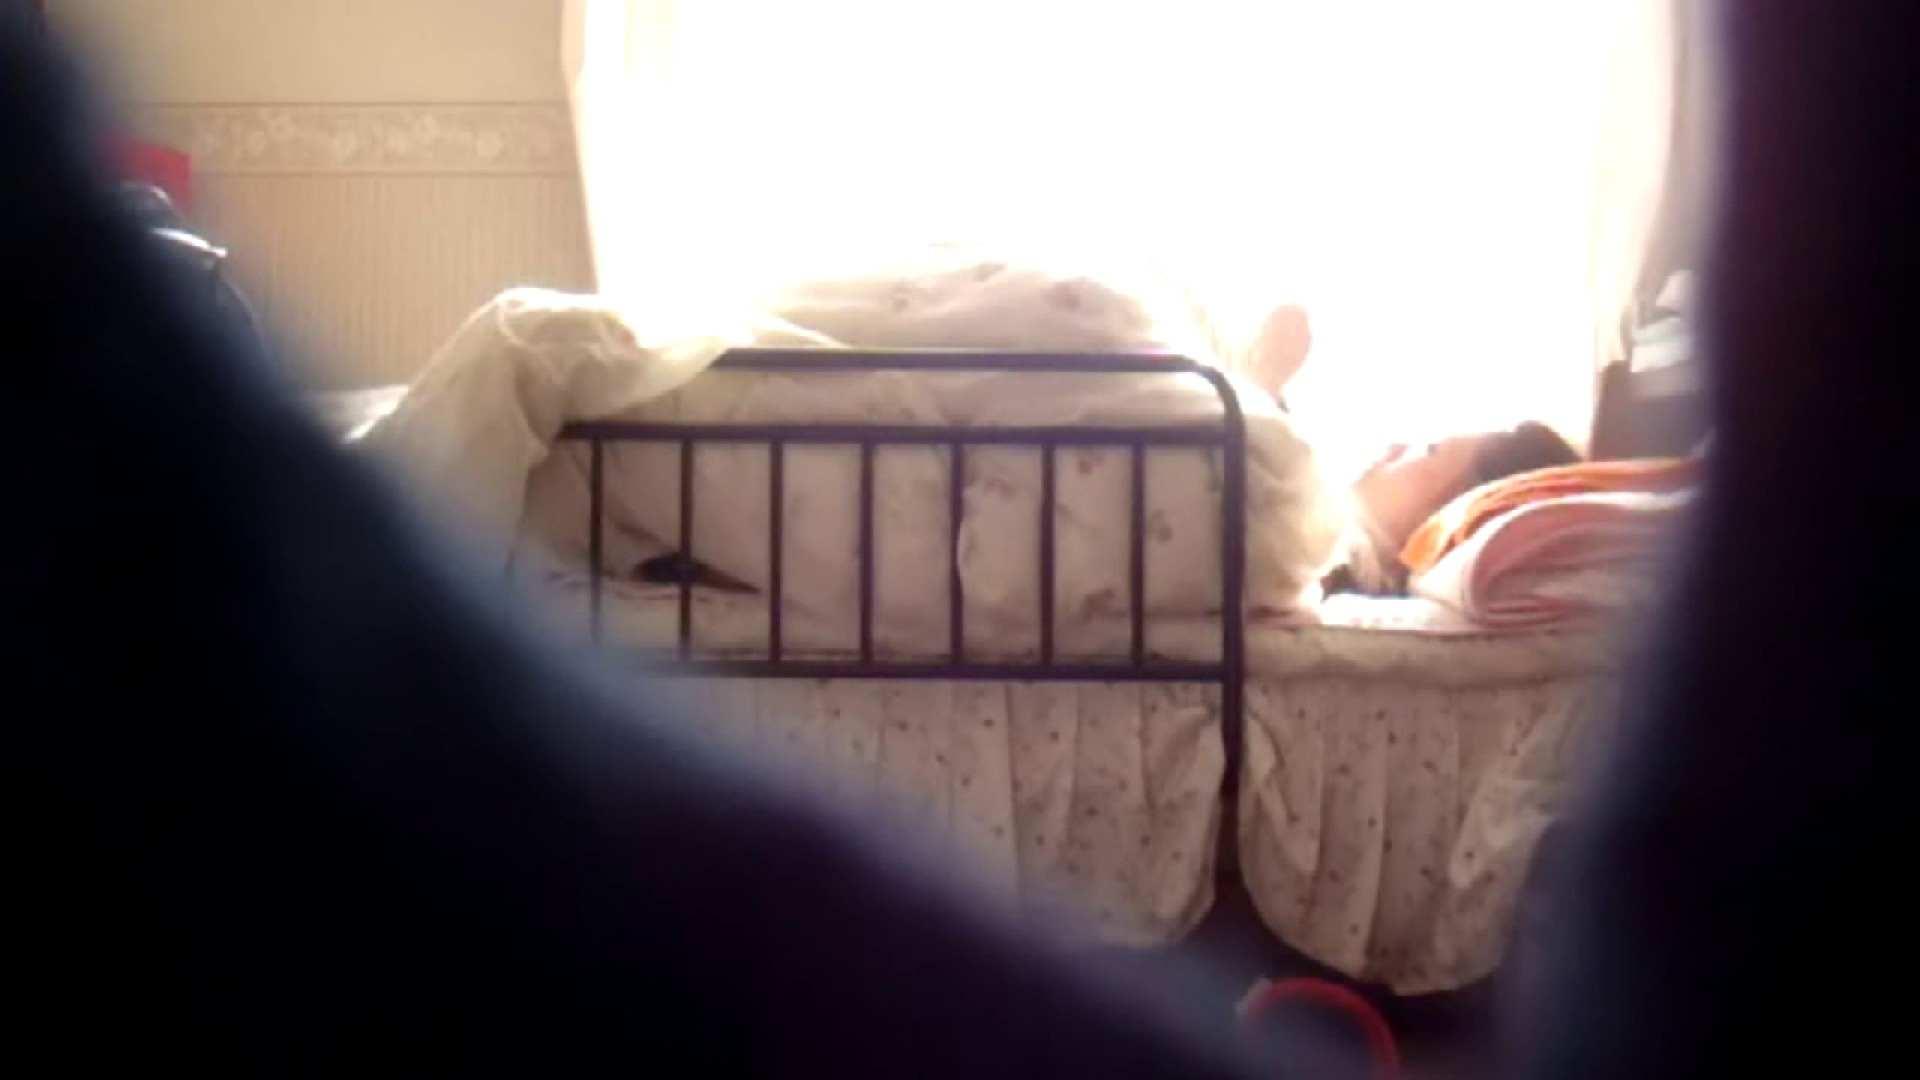 vol.4 まどかの帰宅後の部屋、ベッドで何かが始まります。 ギャル攻め | オナニーシーン  100画像 9